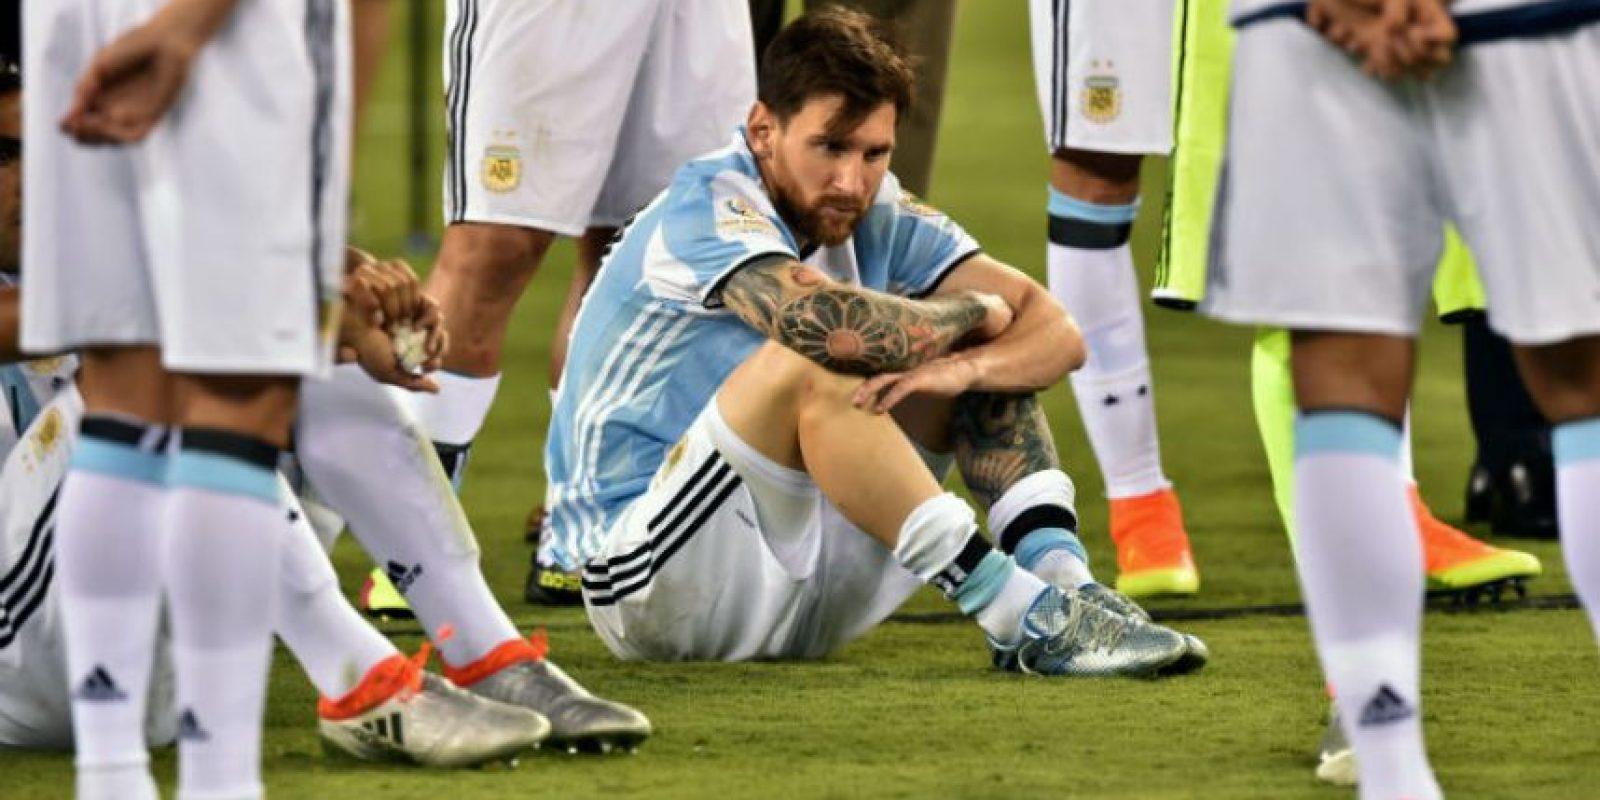 Lionel Messi renunció a la Selección de Argentina, luego de perder la final de la Copa América Centenario Foto:Getty Images